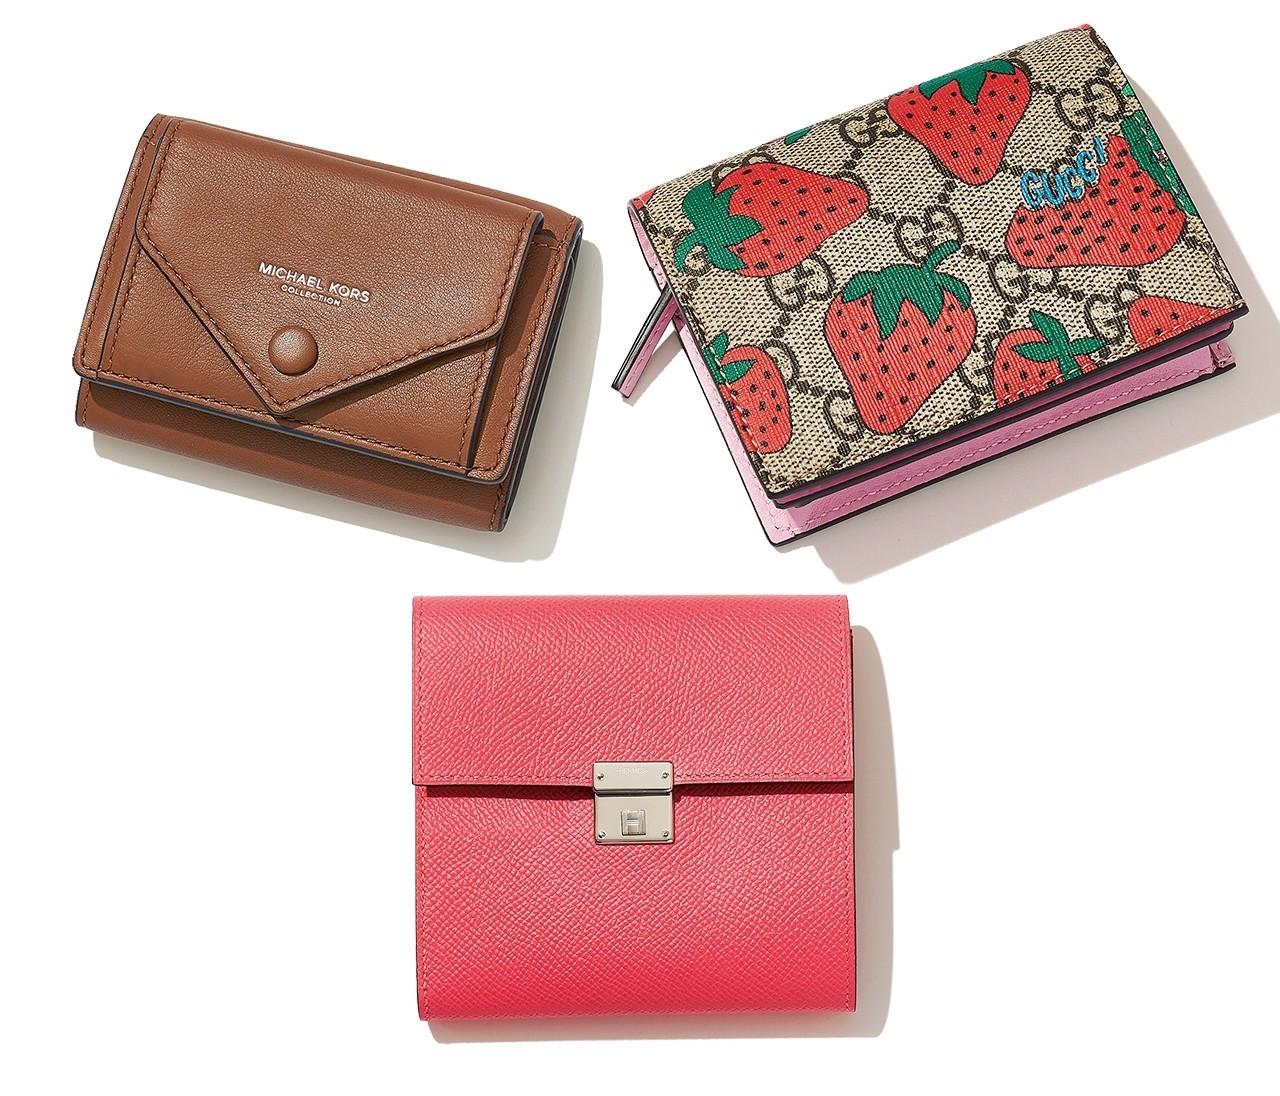 この秋、ミニ財布に買い替え♡ 毎日使う財布は憧れブランドが気分